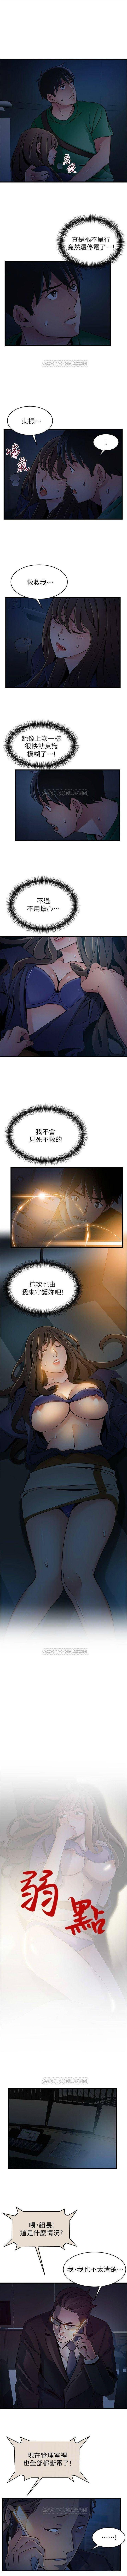 弱點 1-101 官方中文(連載中) 381